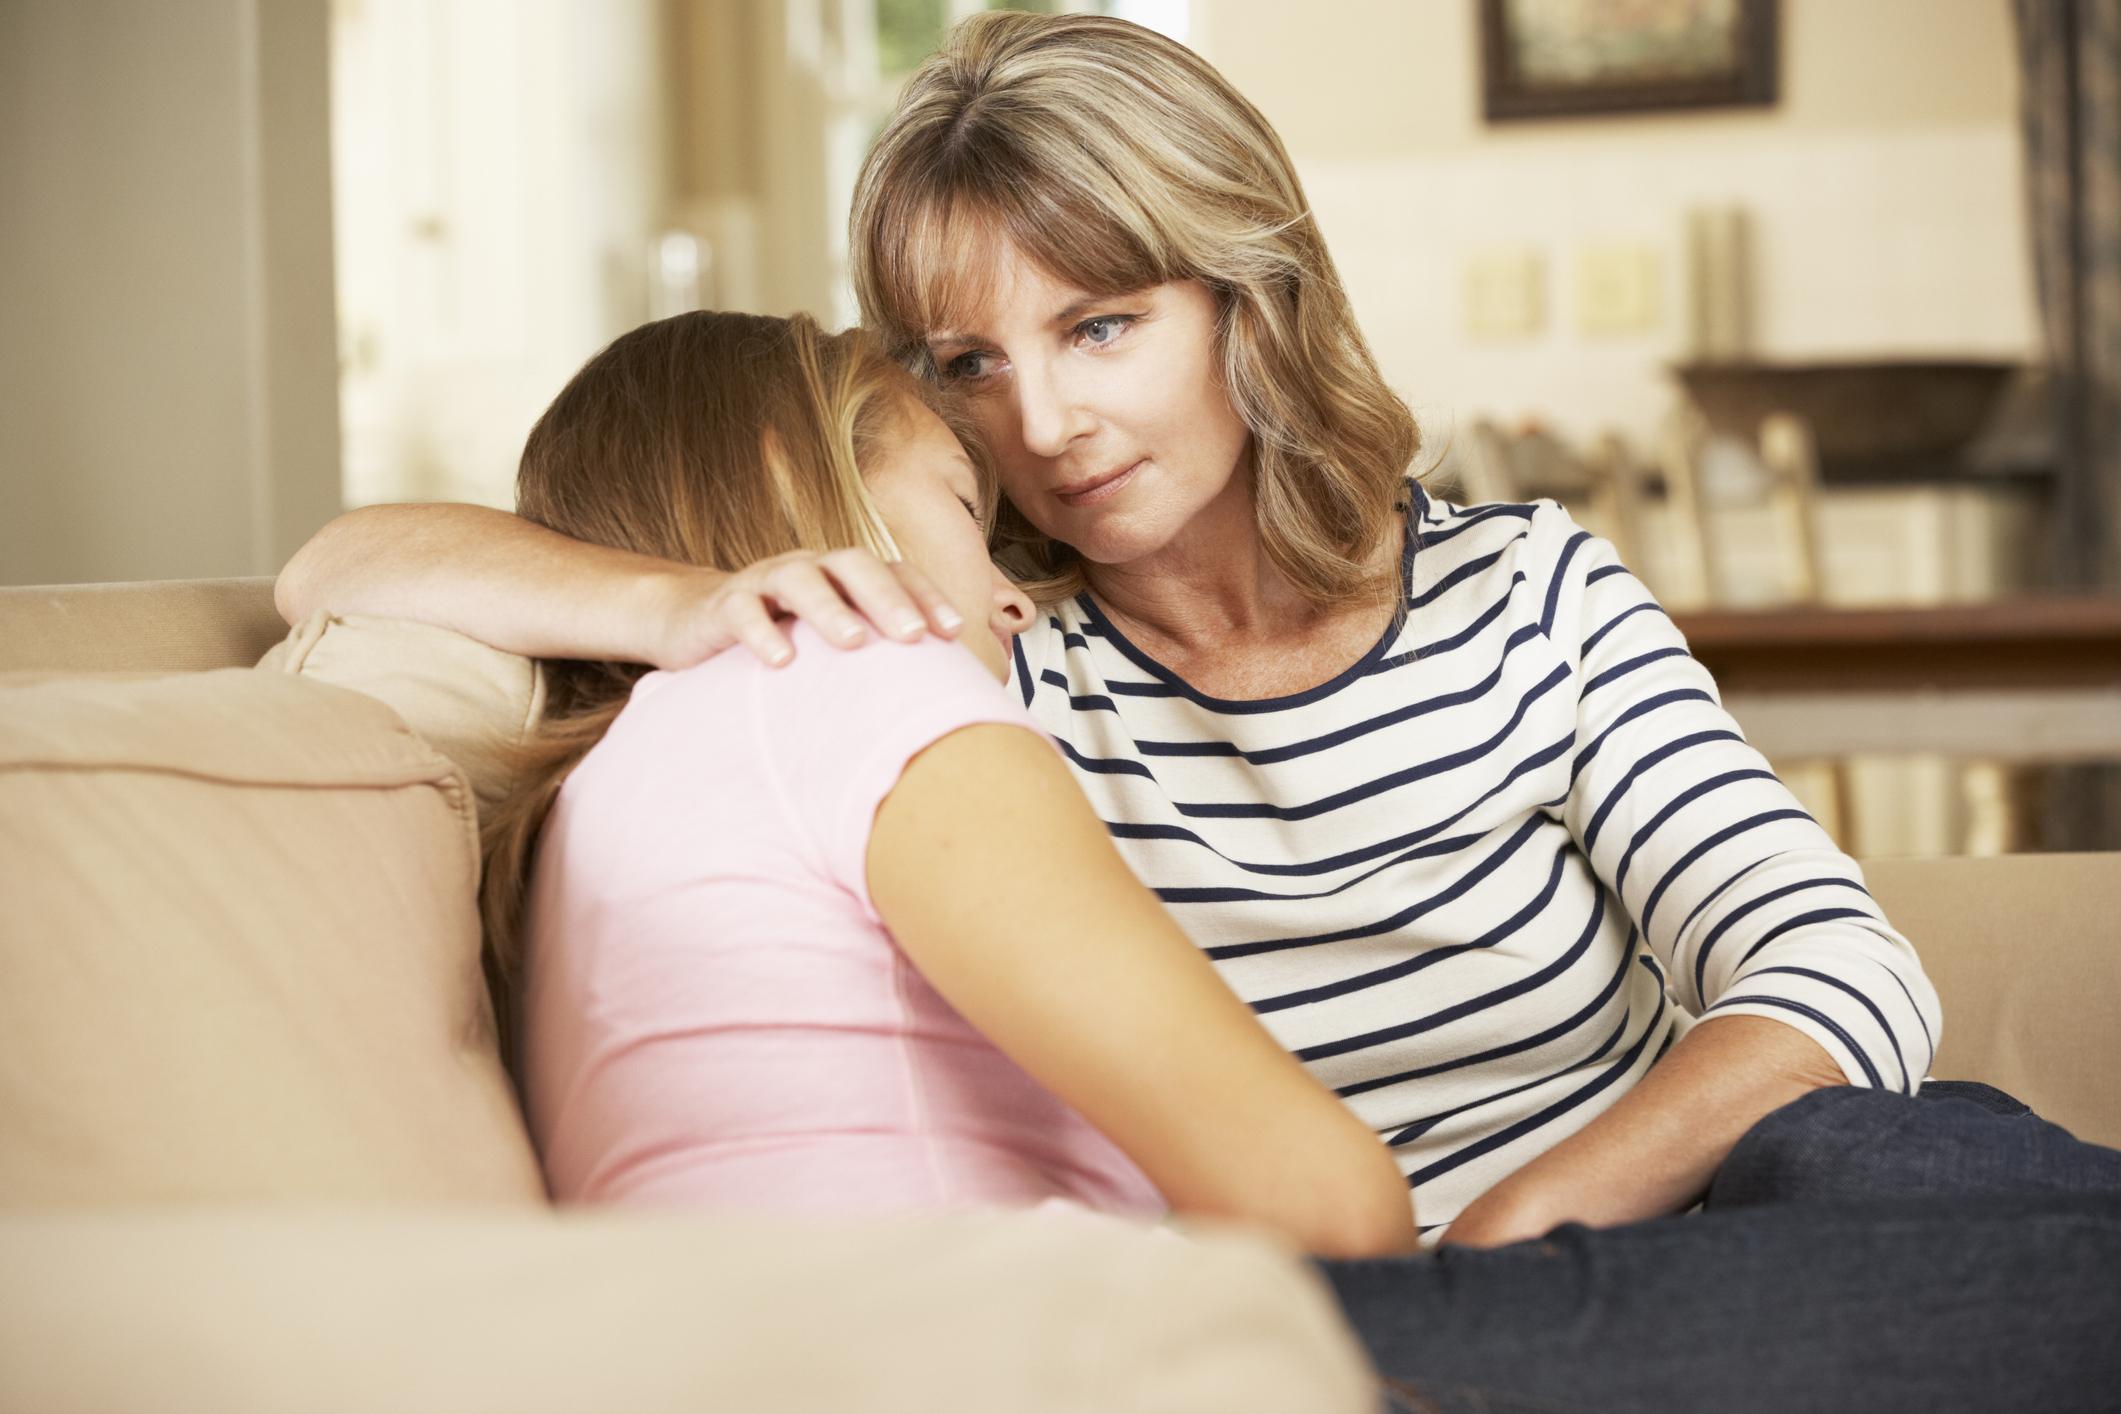 Що робити, якщо дитина переживає особисту драму